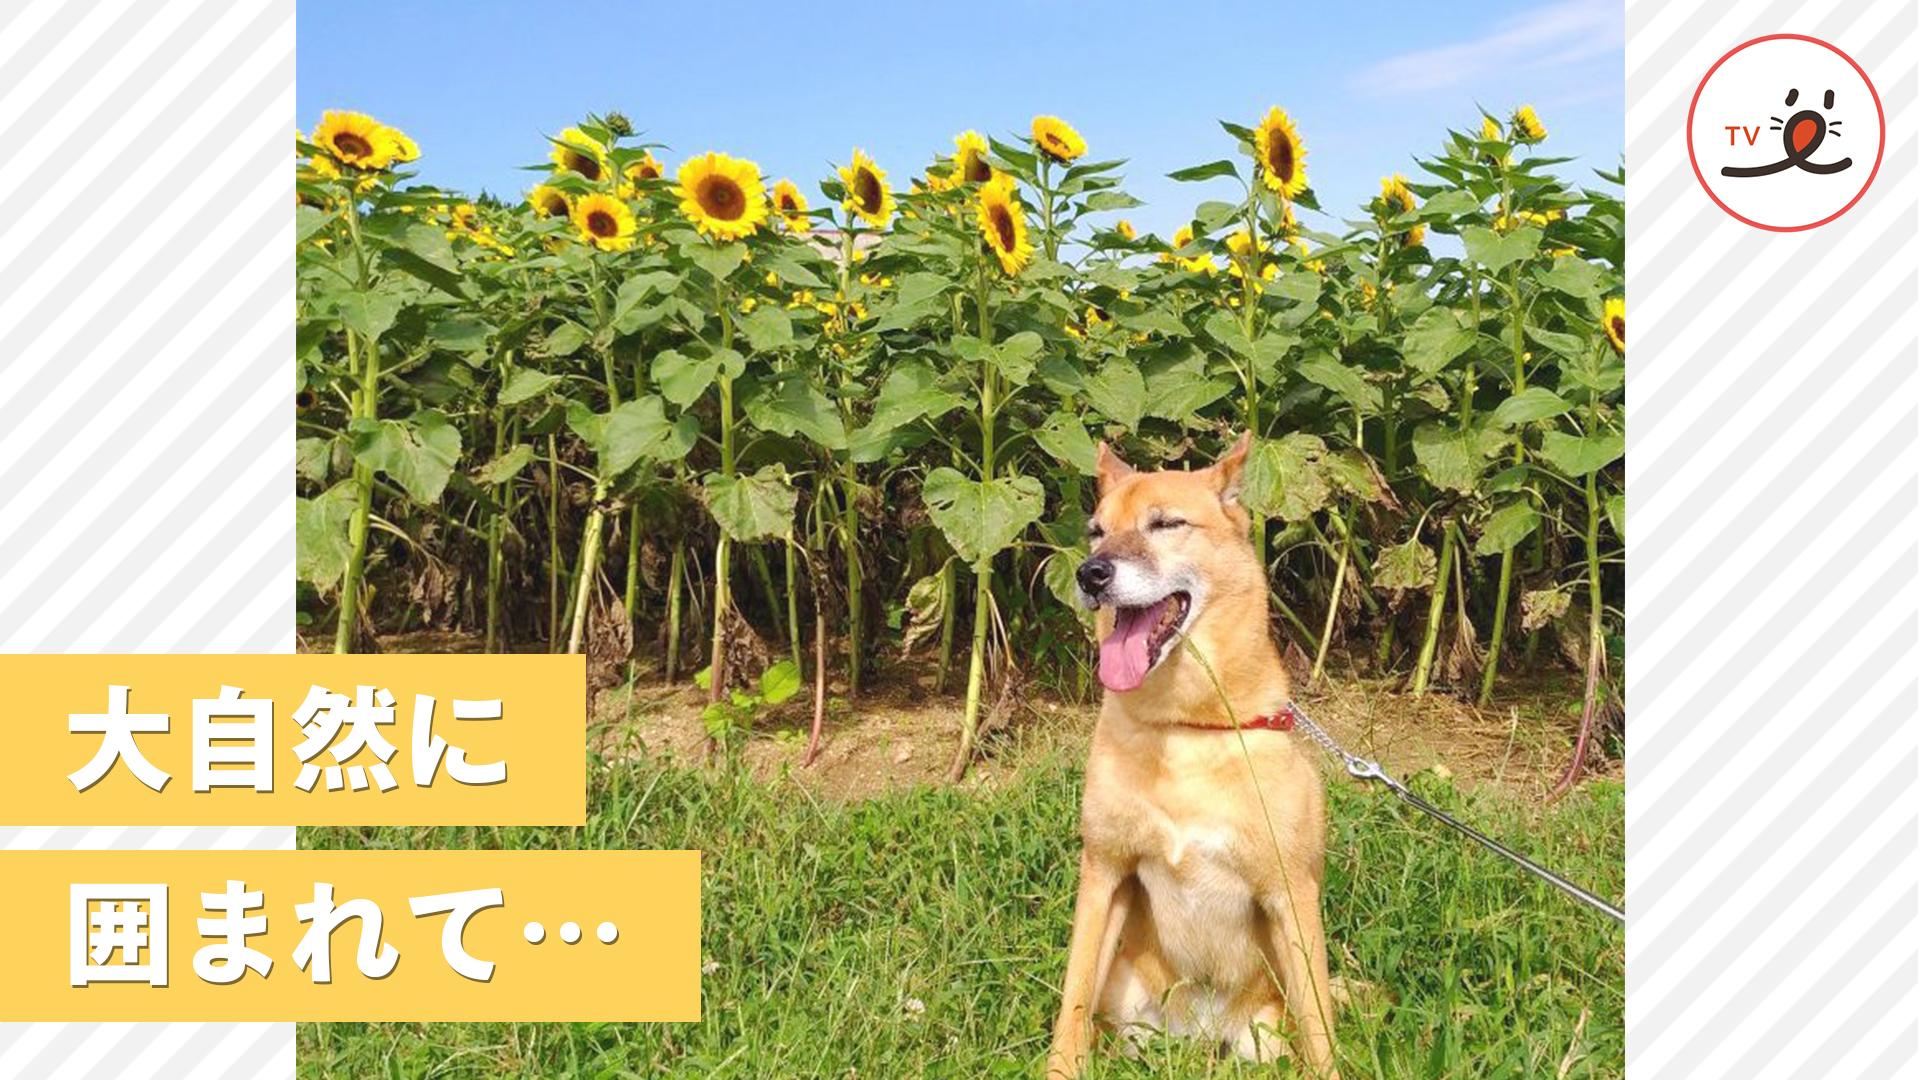 美しい四季の風景を駆け抜ける、元保護犬の物語……。